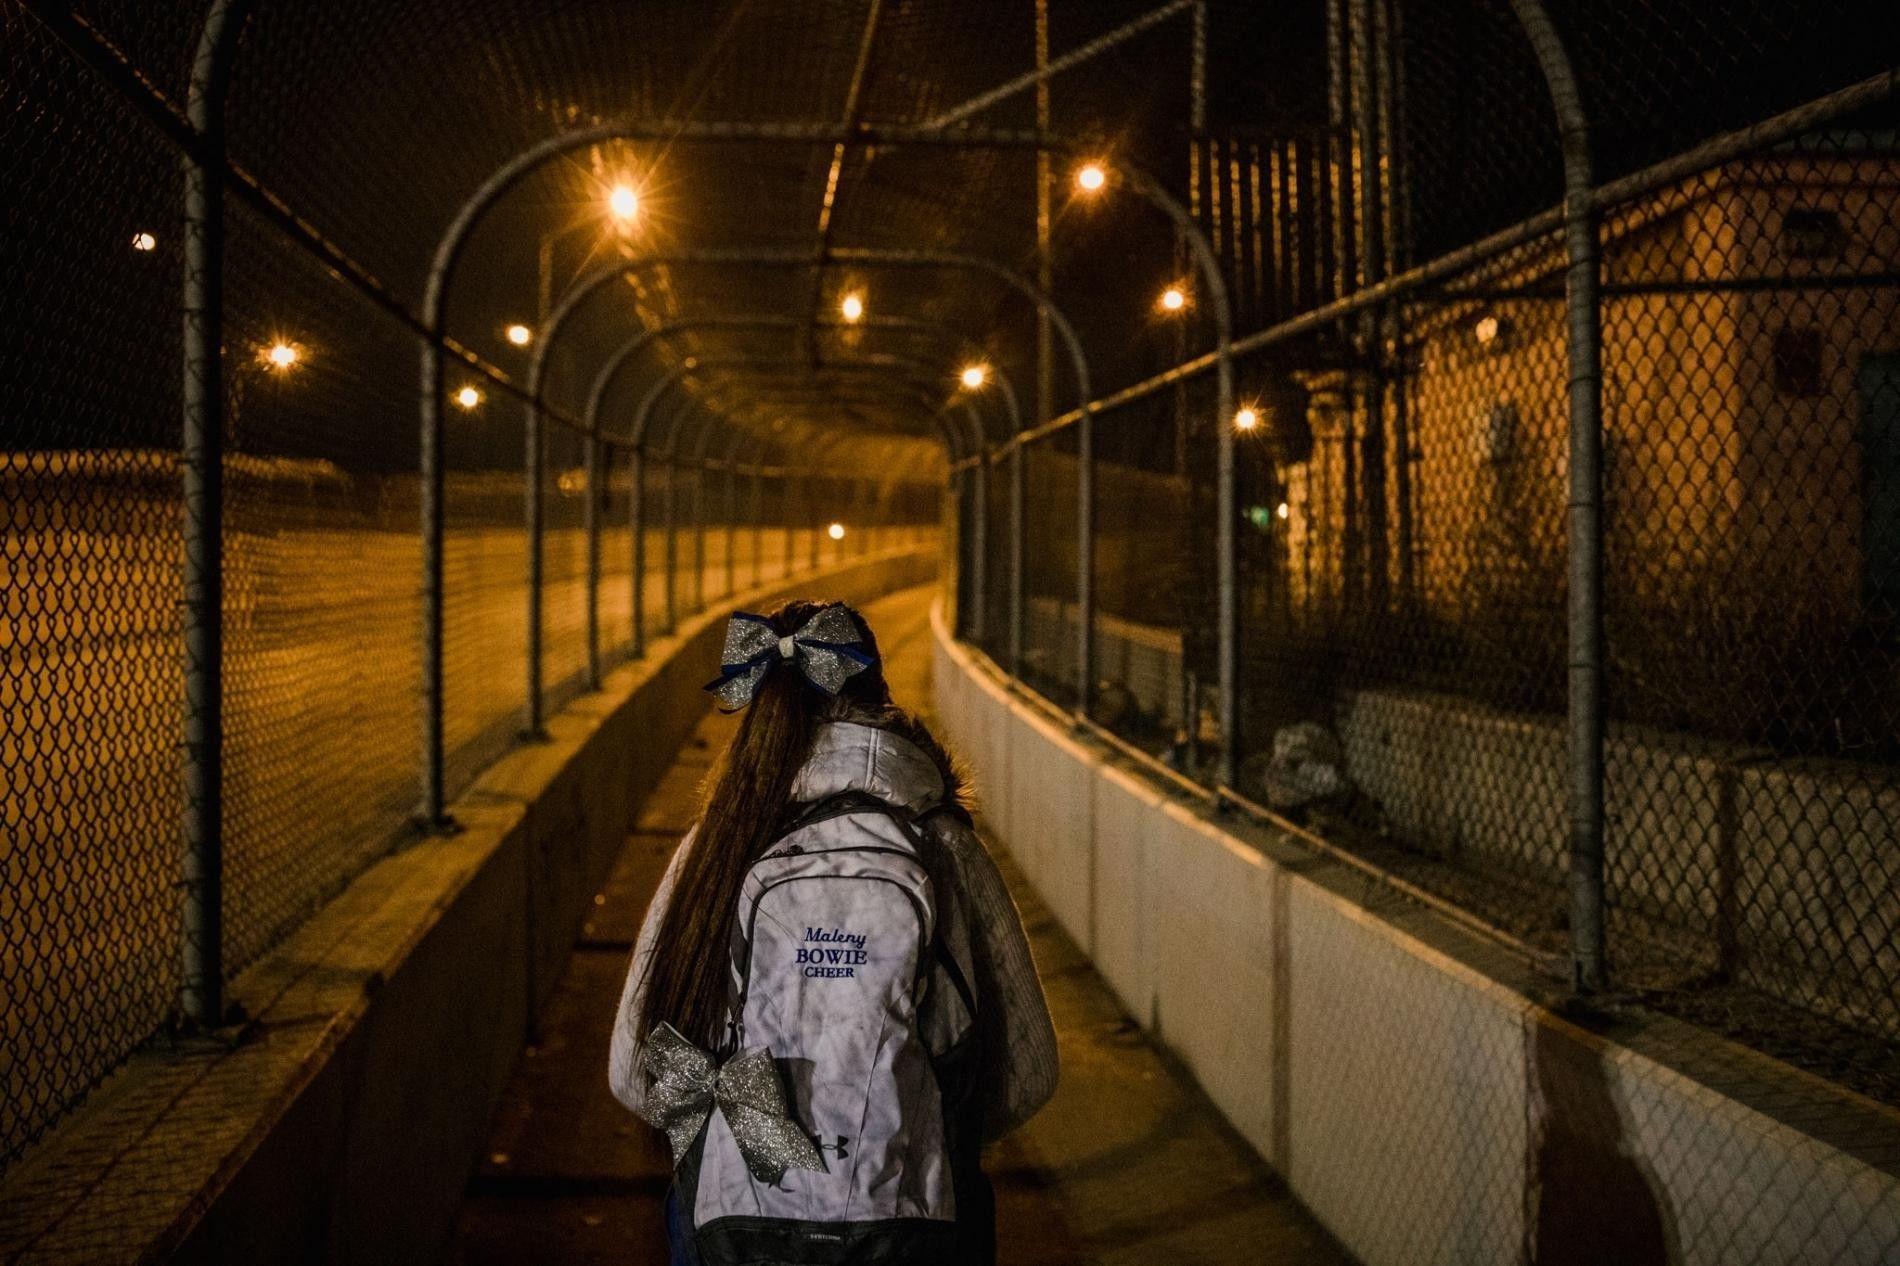 Todas as manhãs, Maleny Barba caminha sobre a Ponte Internacional de Cordova, em Juárez, no México, ...